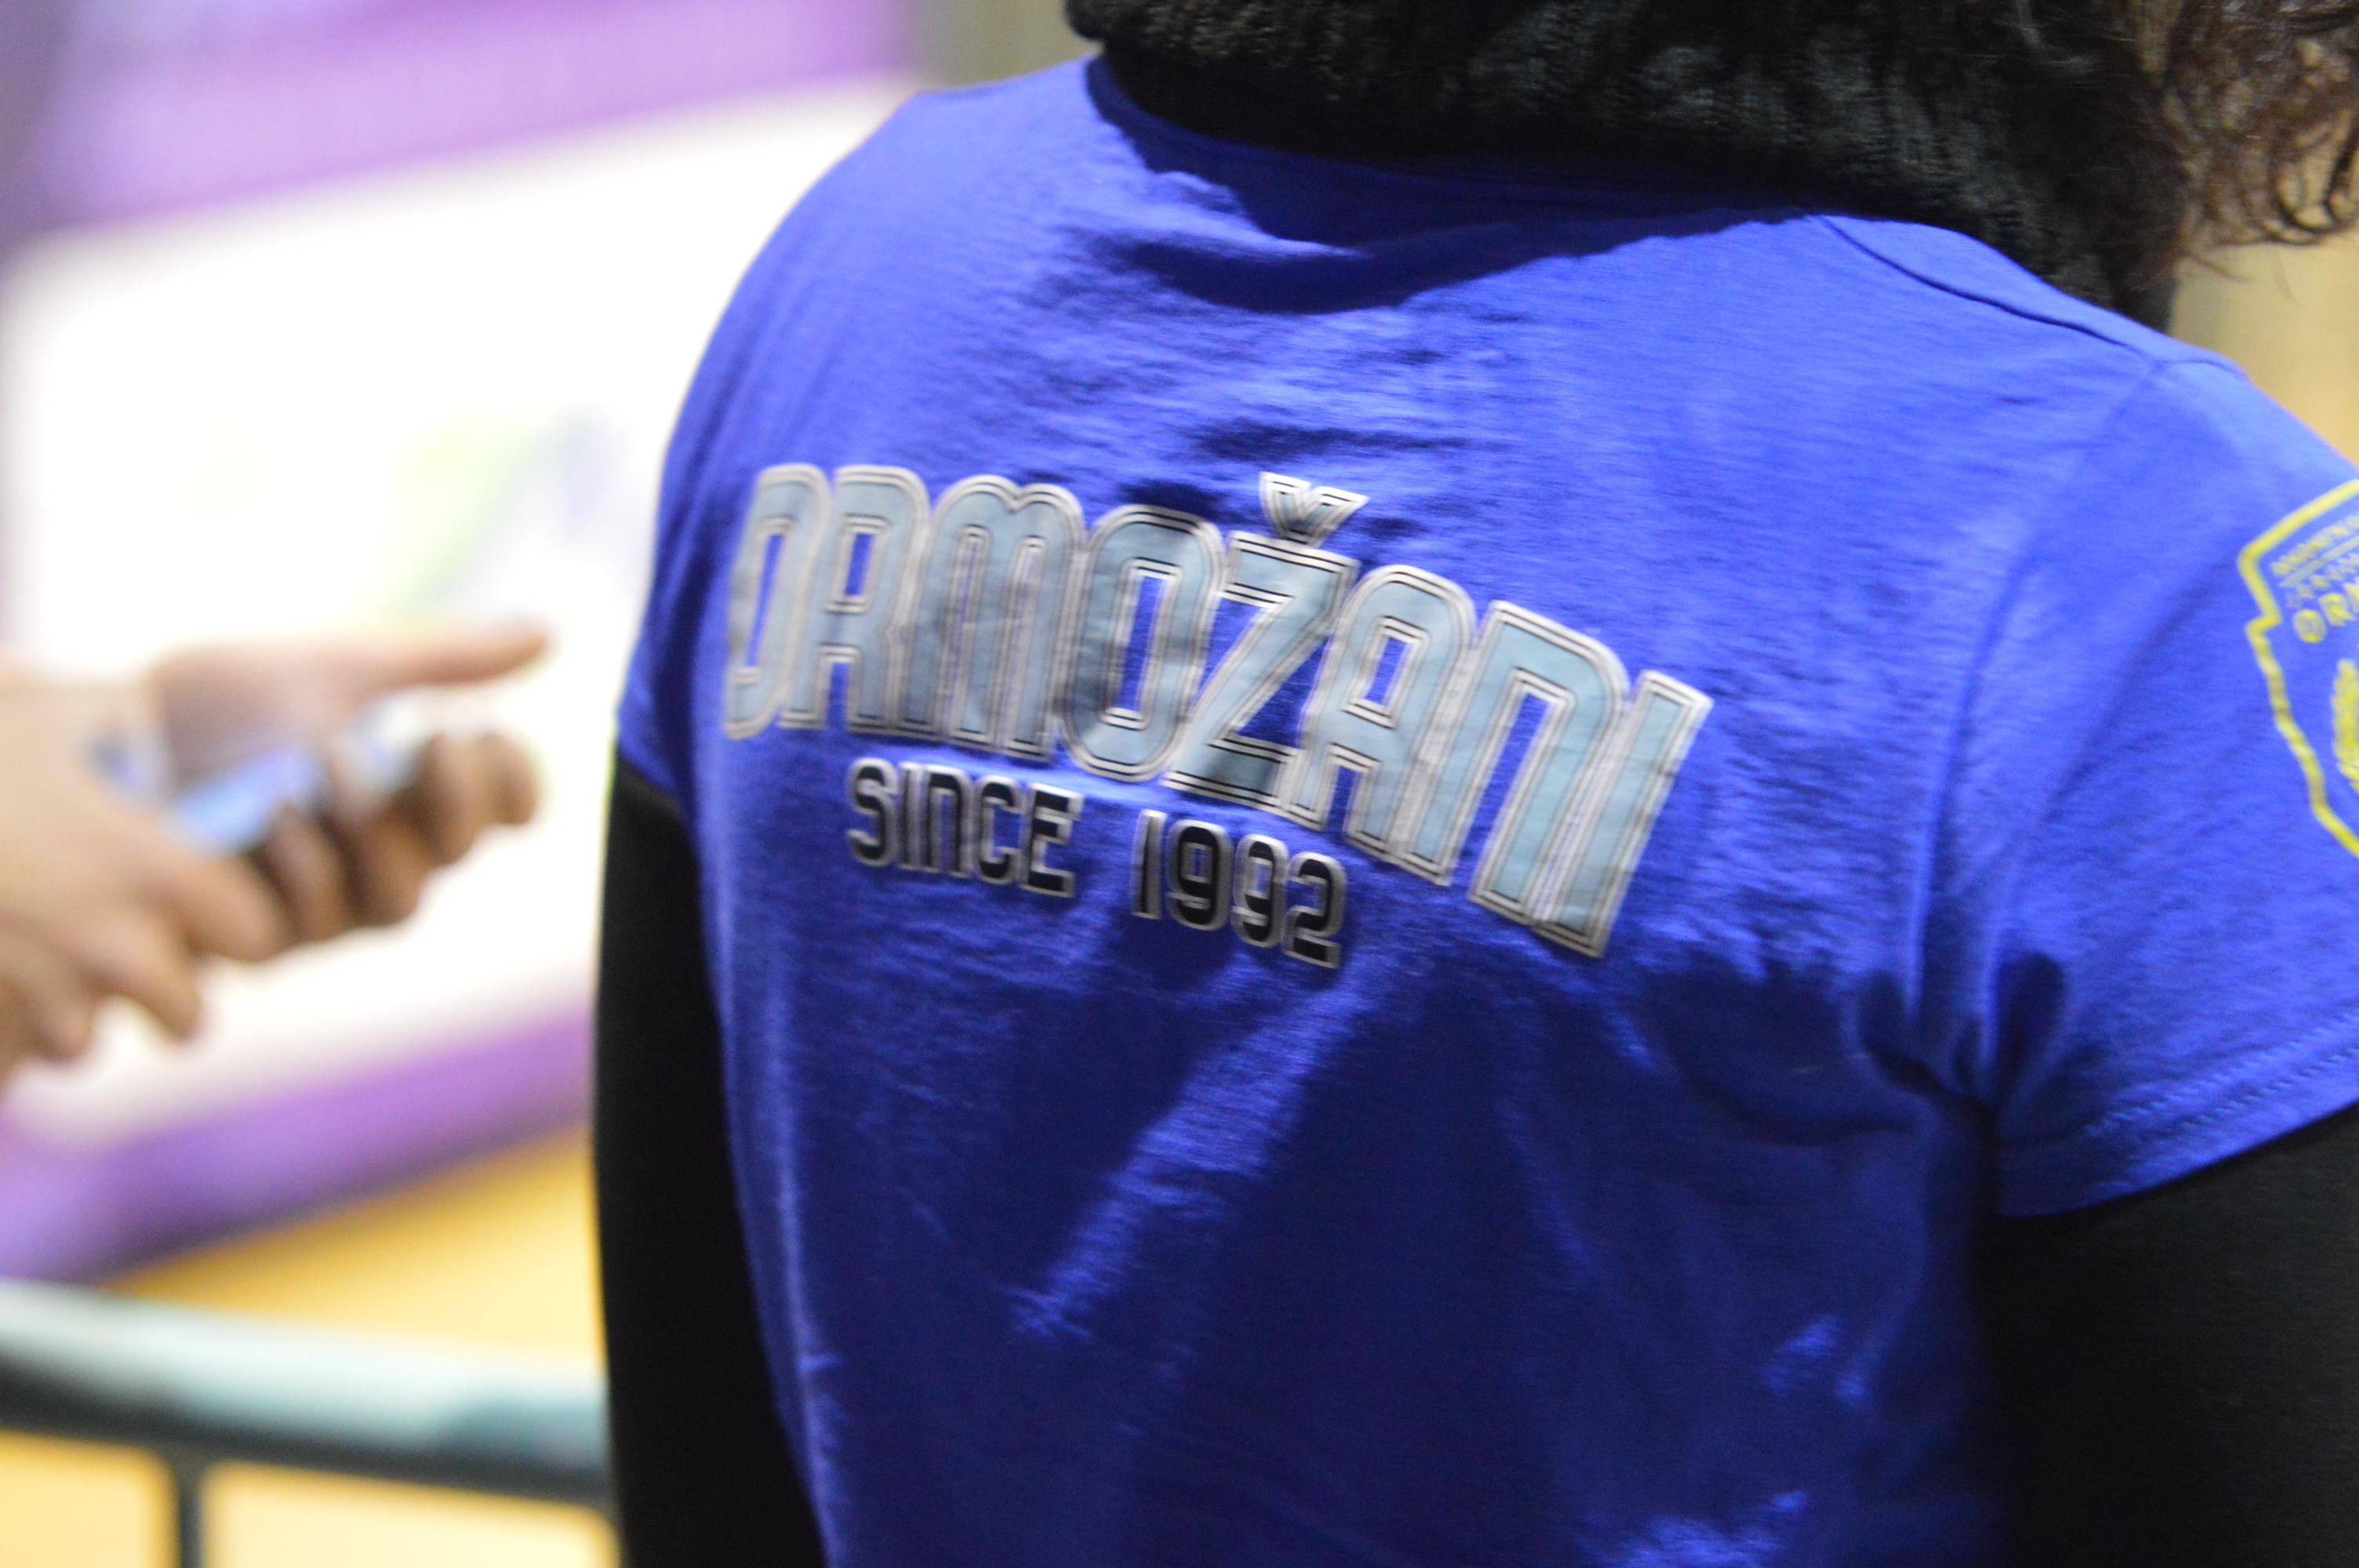 ROKOMET, NOGOMET: Razporedi tekem za 14. – 16. 11. 2014